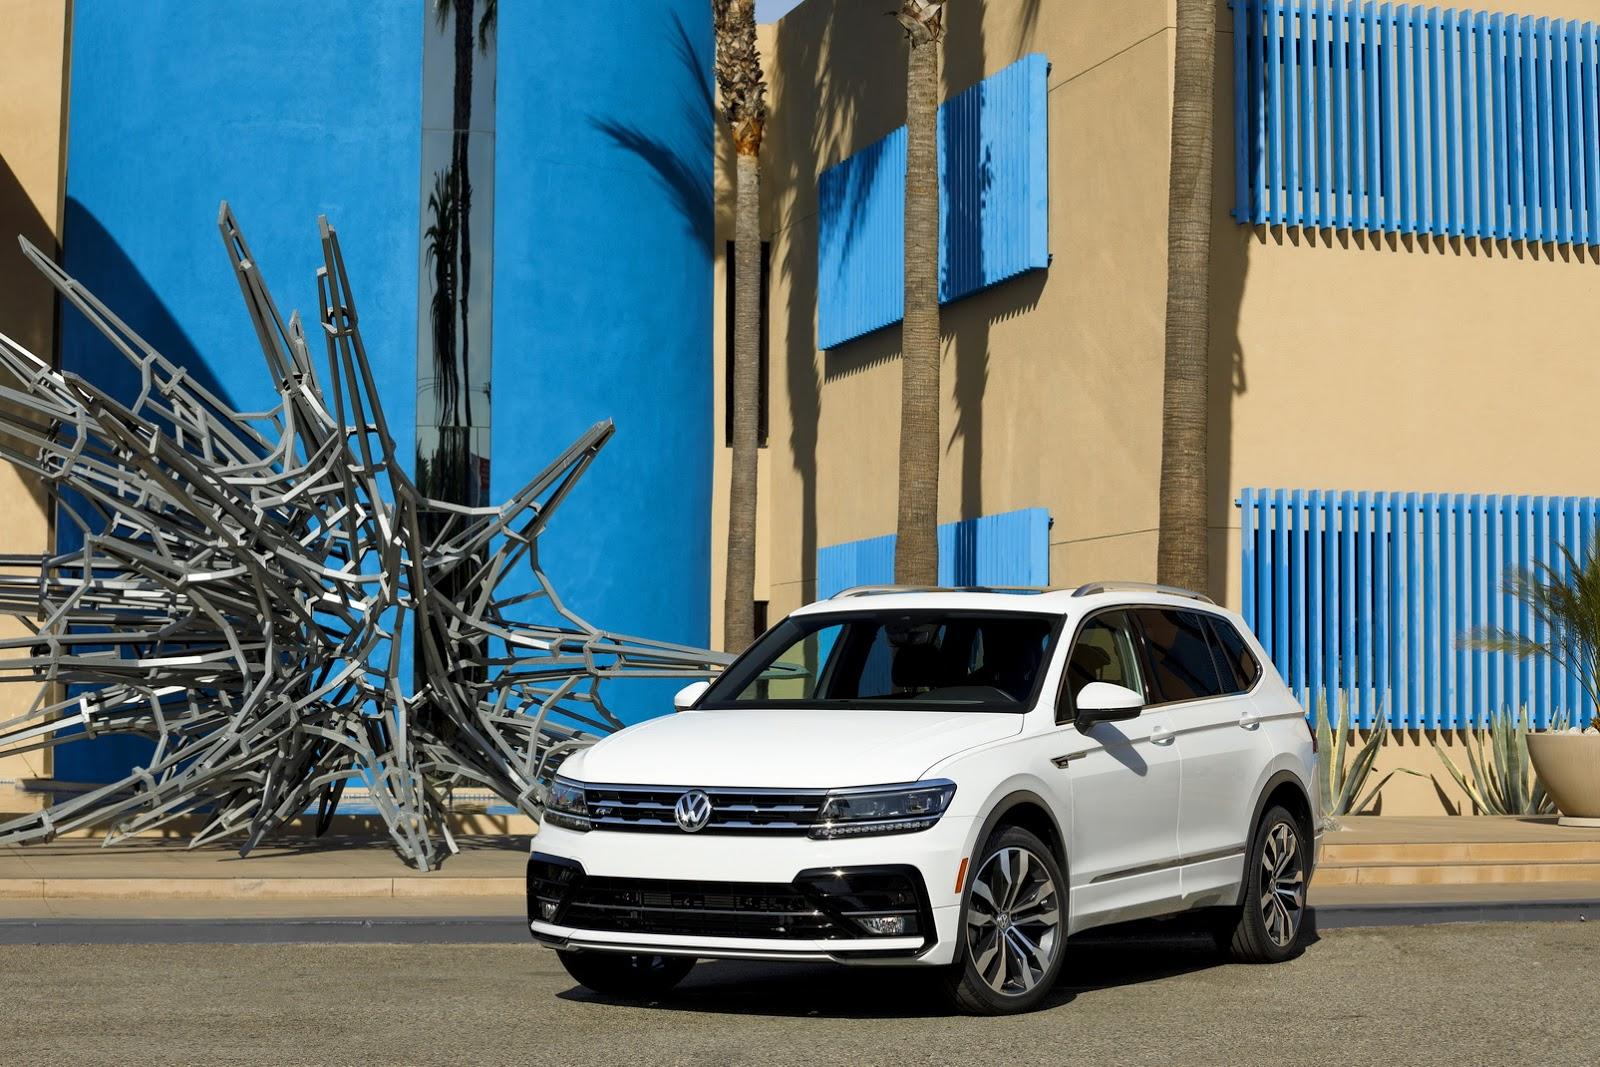 2018 Volkswagen Tiguan Gets R Line Body Kit in America